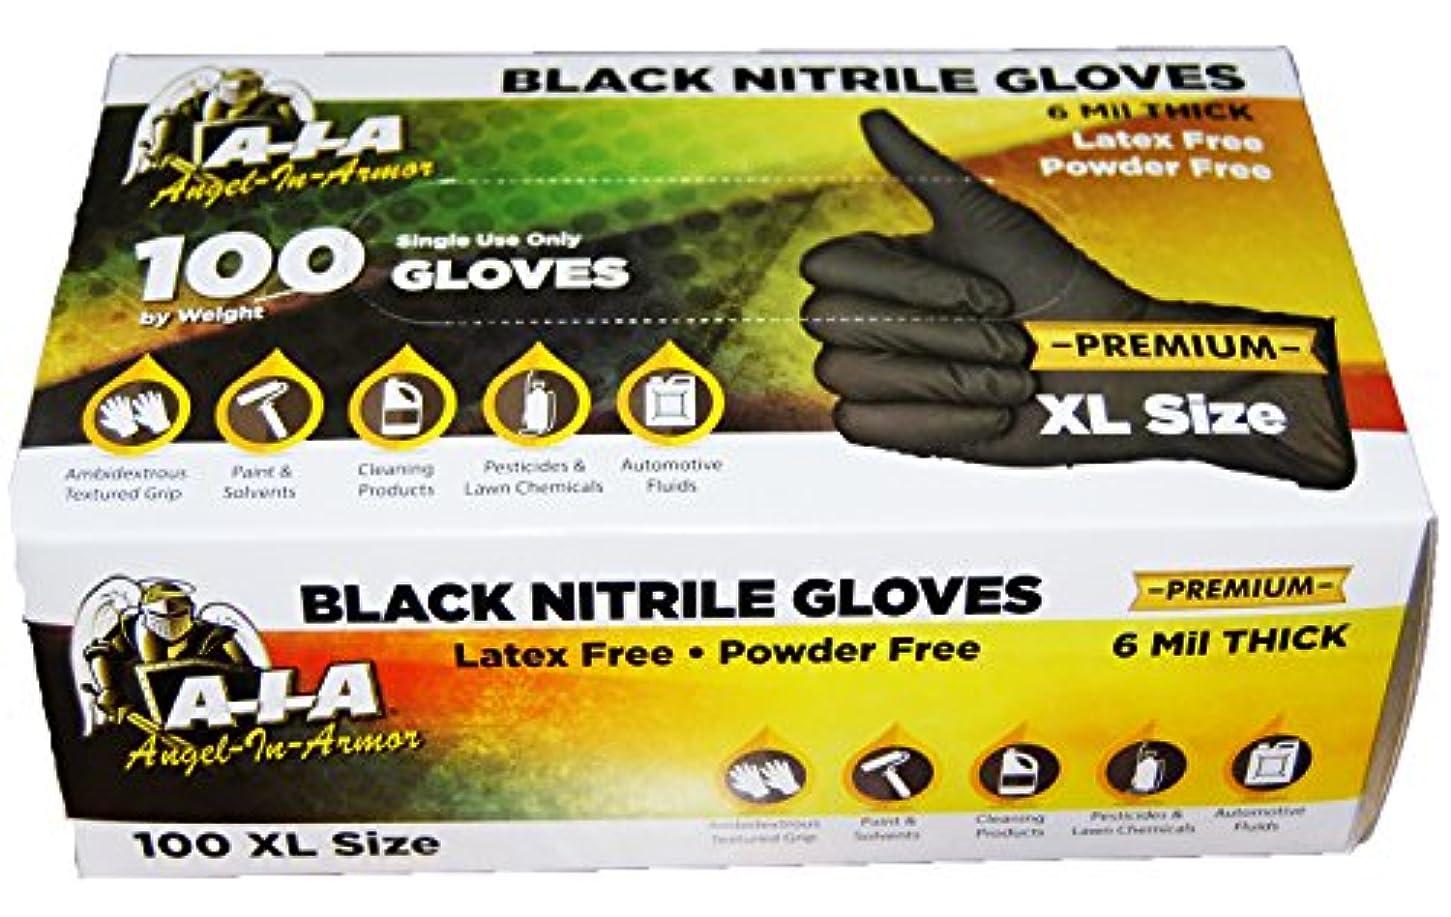 バン無視する目覚めるブラックニトリル手袋6 Milプレミアム完全にTexturedボックスof 100 L ブラック PR-NITBLK-100XL